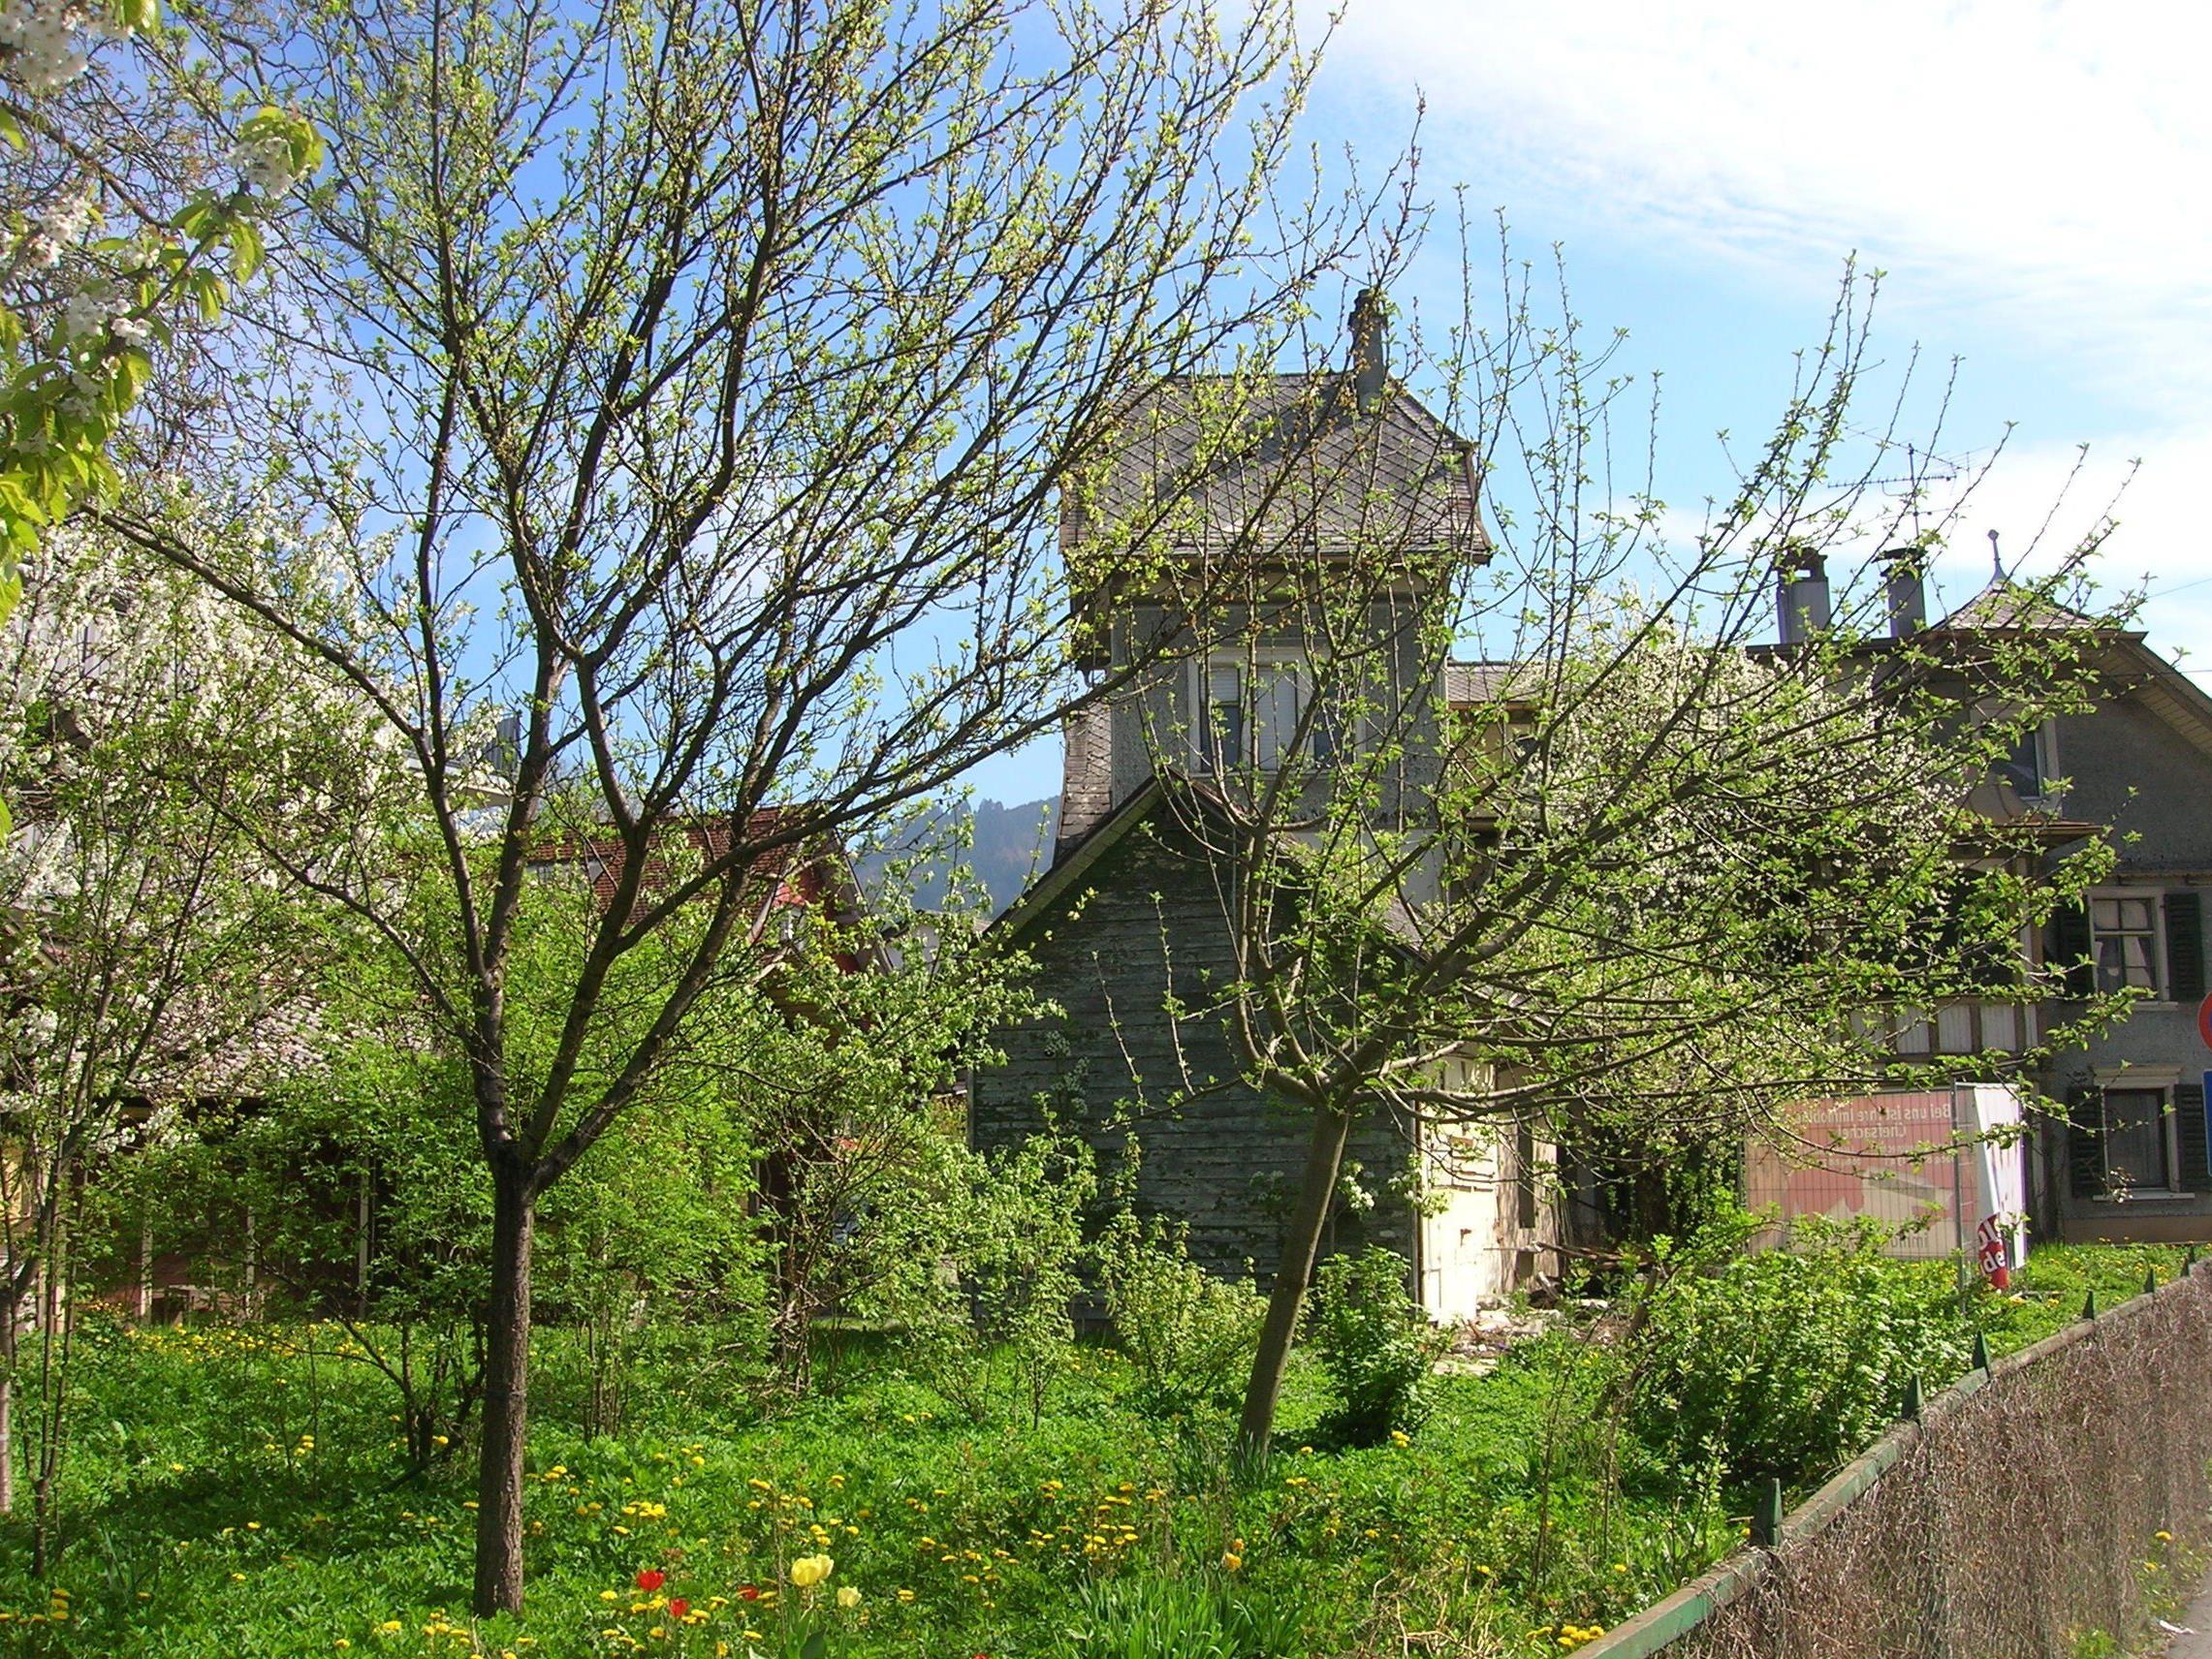 Kleinod inmitten der Stadt: Garten des Kalb-Hauses.